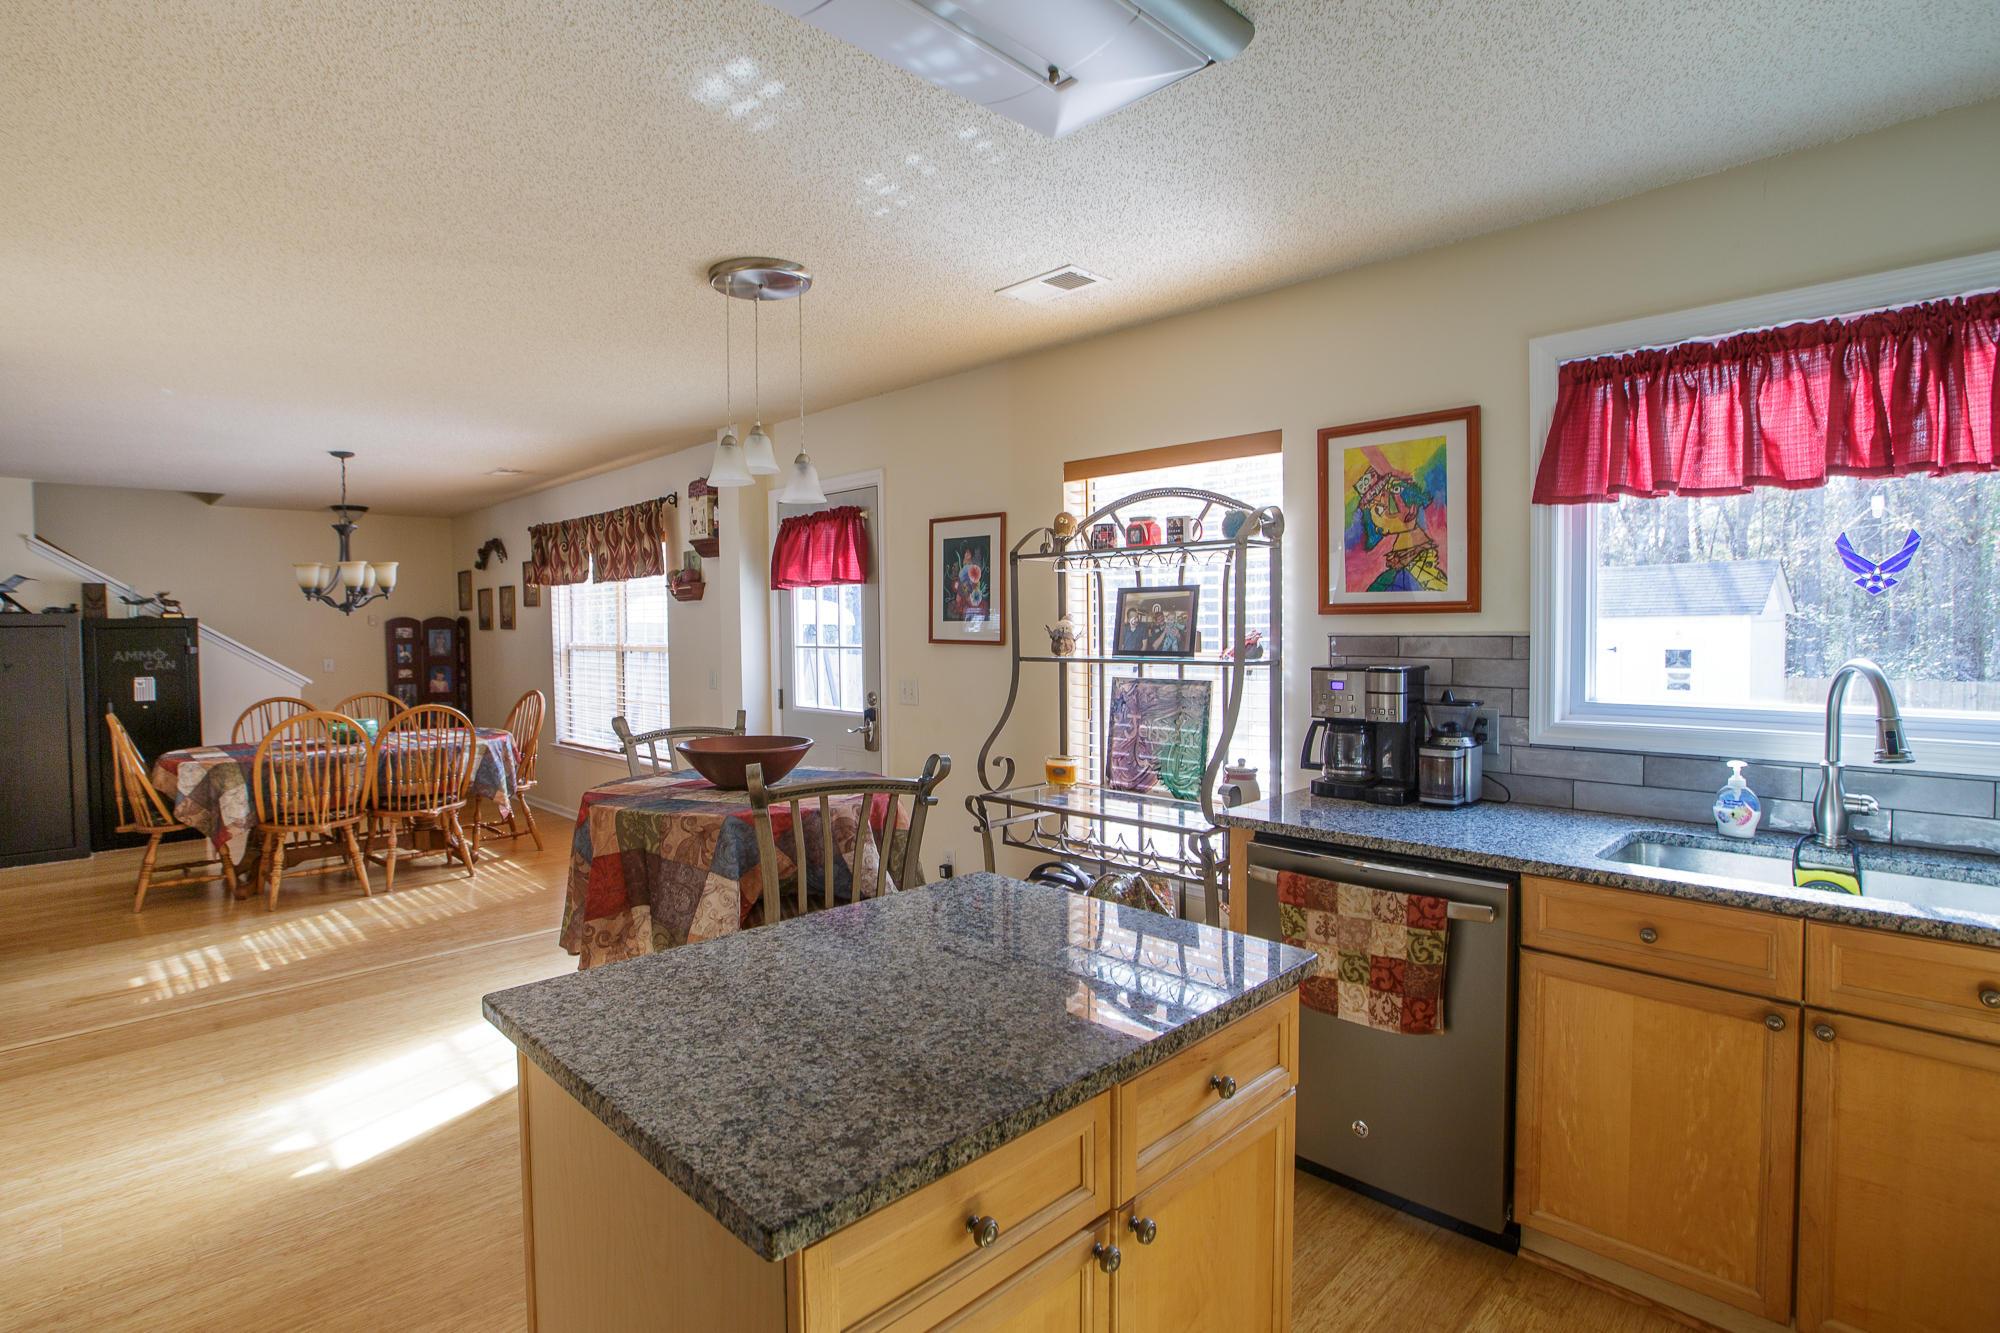 Hawthorne Place Homes For Sale - 347 Cohen, Ladson, SC - 1